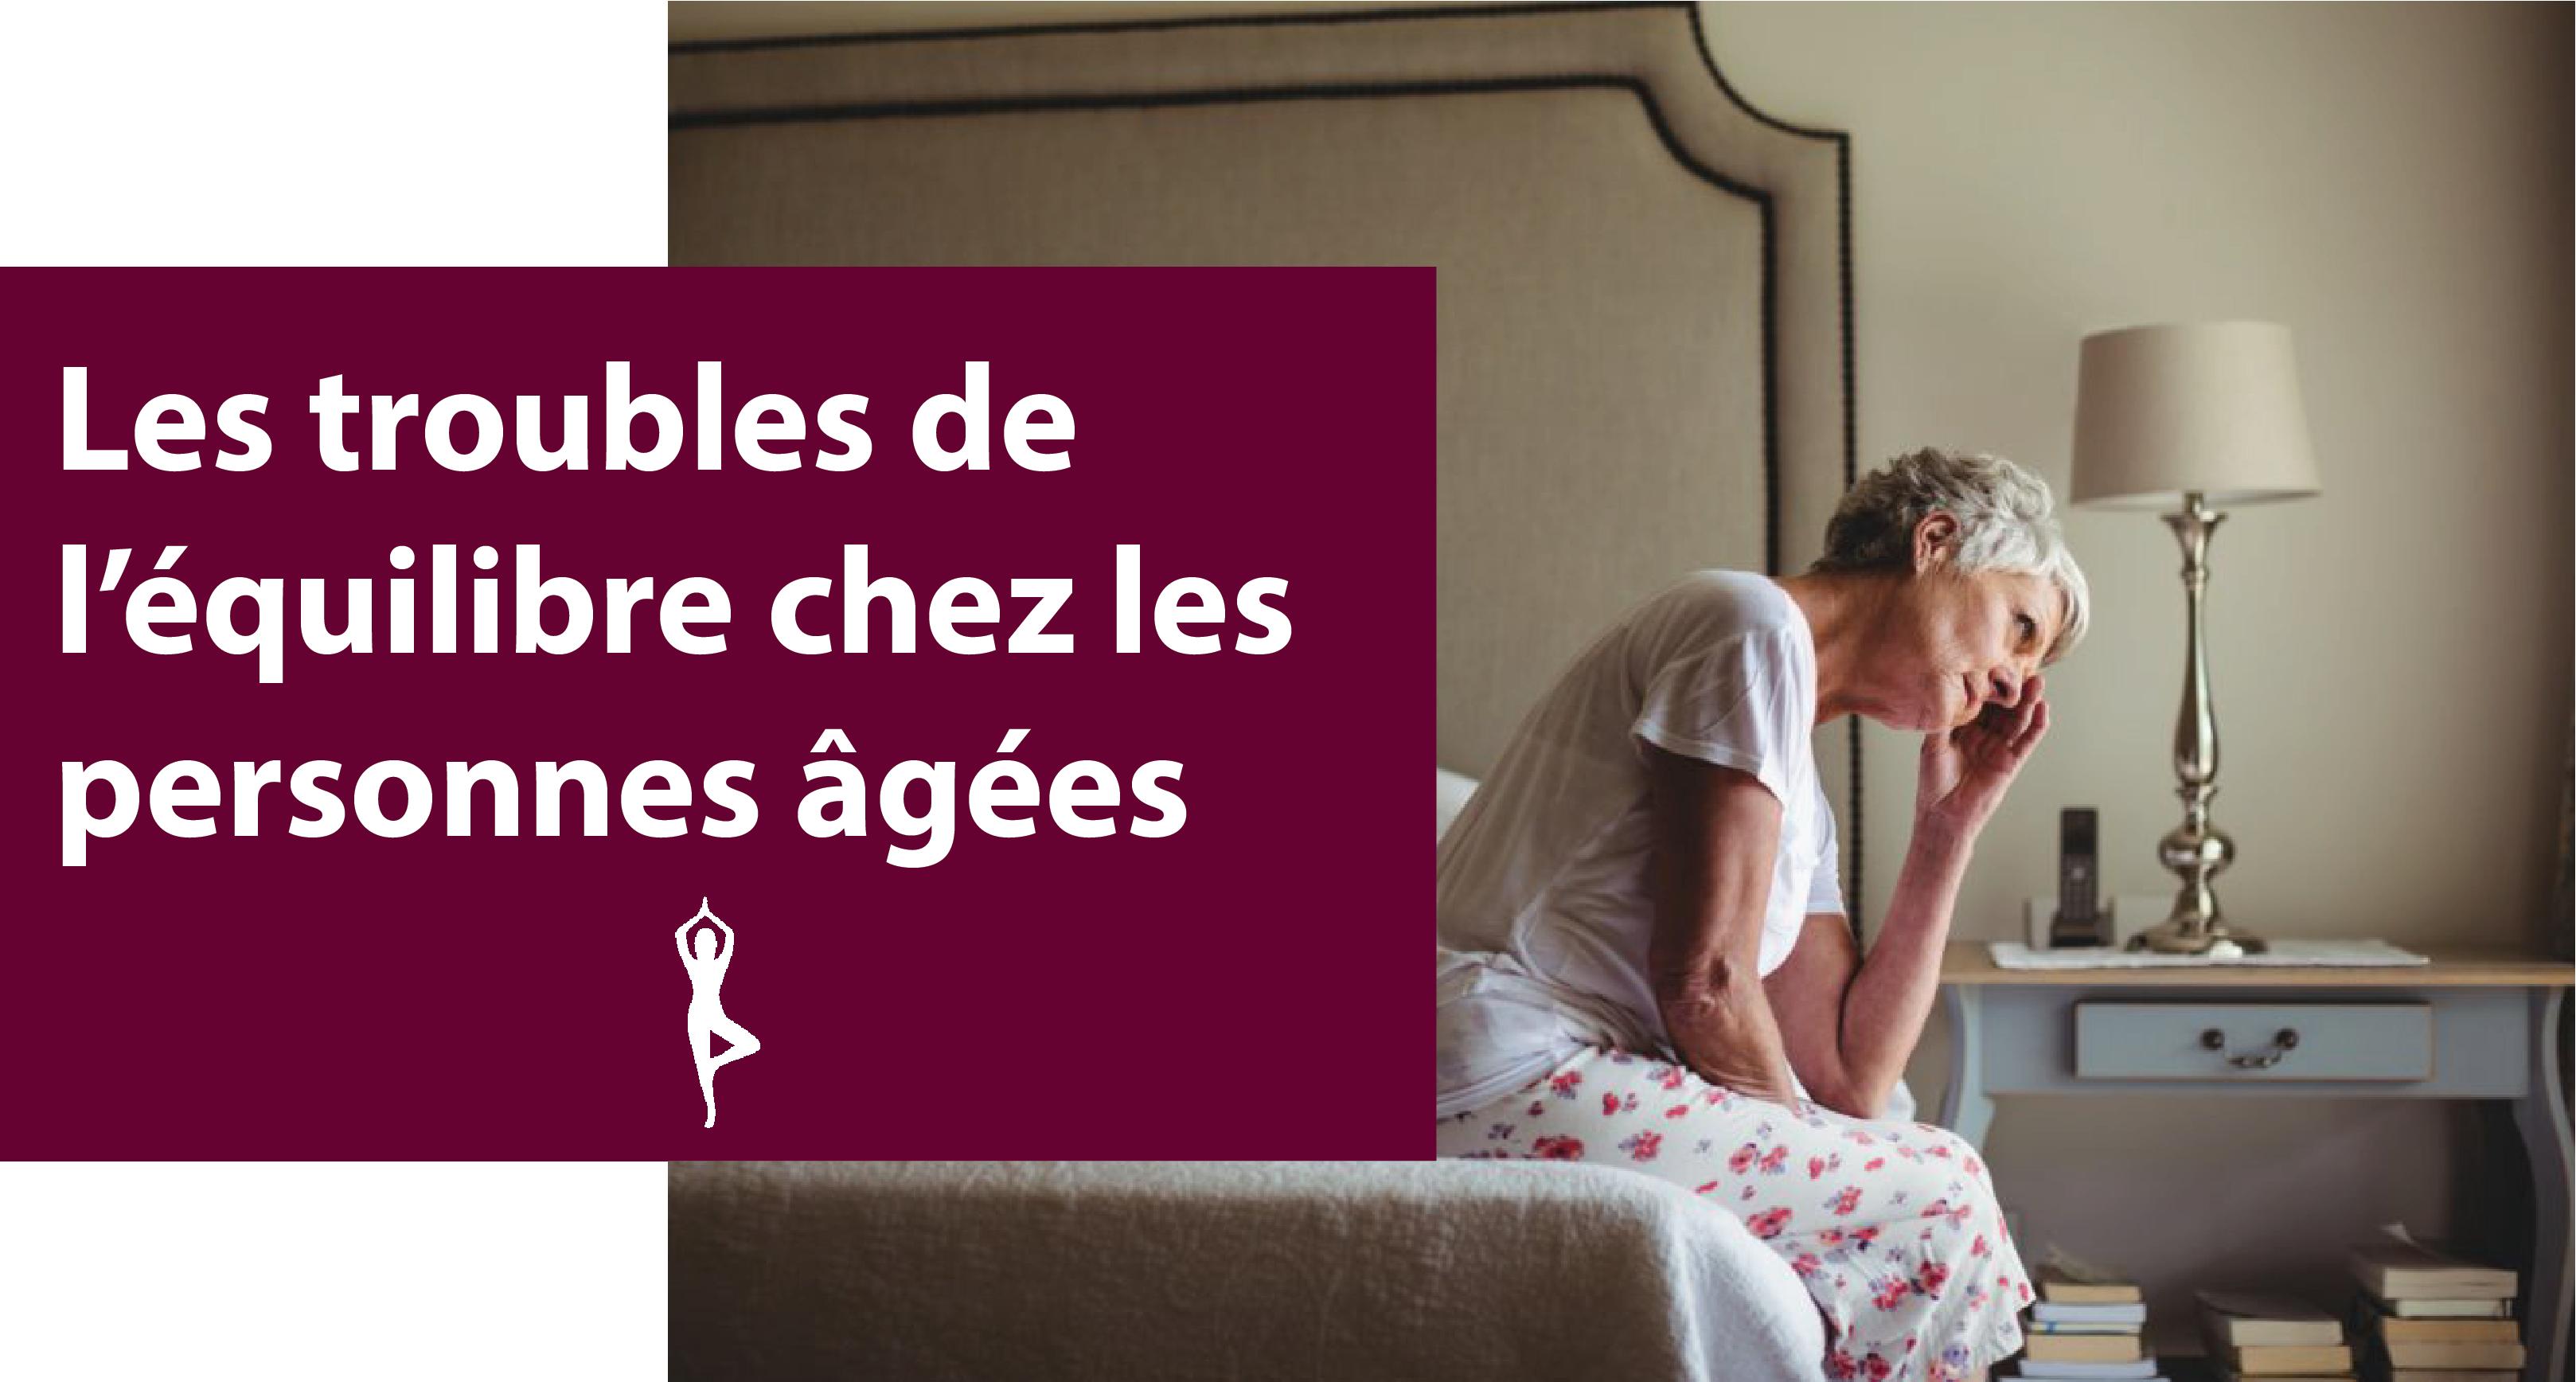 Les troubles de l'équilibre chez les personnes âgées